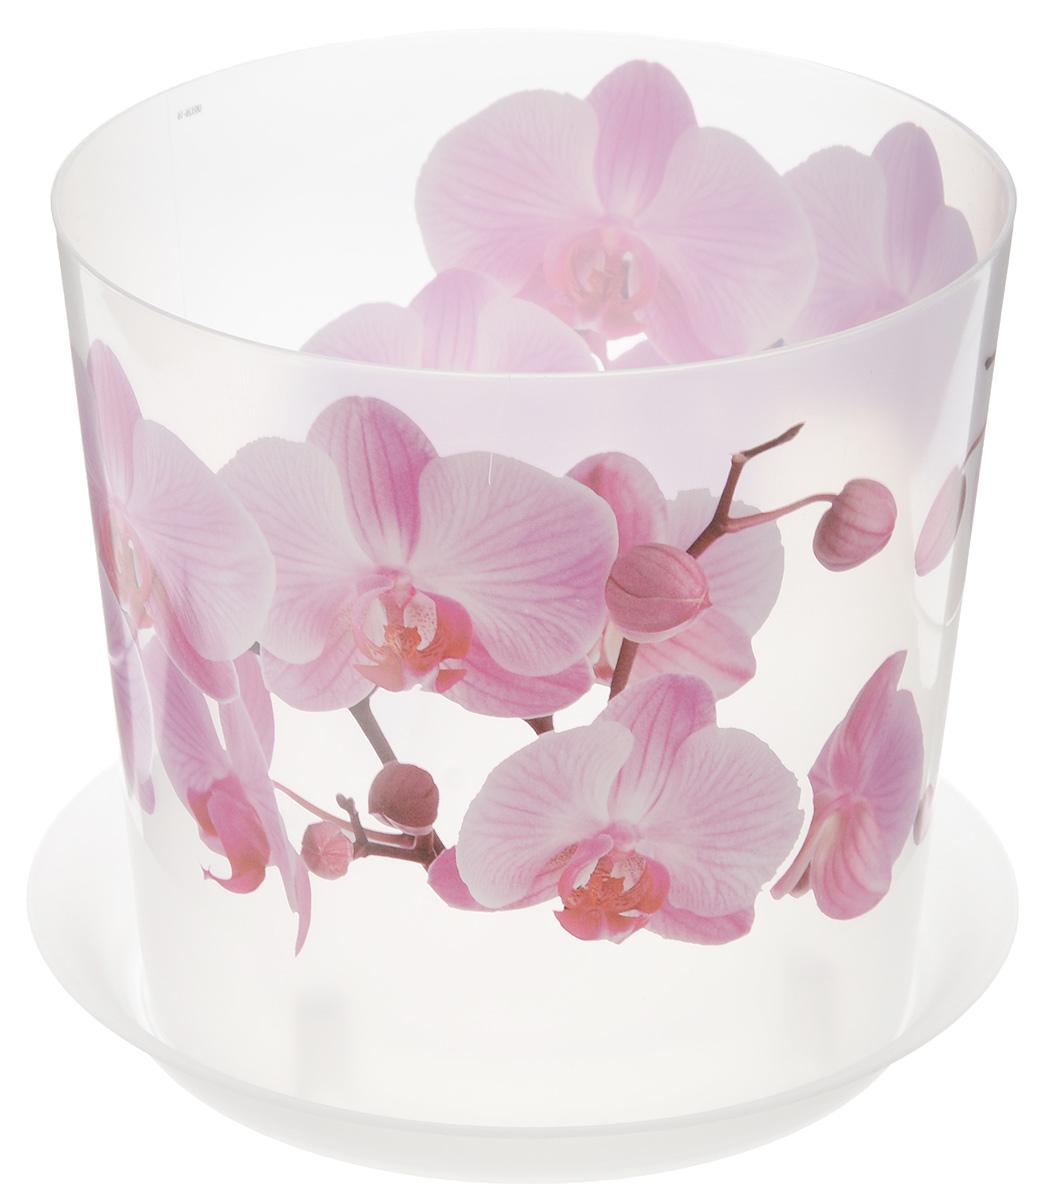 Кашпо Idea Деко, с подставкой, цвет: прозрачный, розовый, 2,4 лМ 3028Кашпо Idea Деко изготовлено из высококачественного полипропилена. Специальный поддон предназначен для стока воды. Изделие прекрасно подходит для выращивания растений и цветов в домашних условиях. Лаконичный дизайн впишется в интерьер любого помещения. Диаметр поддона: 17,5 см. Диаметр кашпо по верхнему краю: 16 см.Высота кашпо: 15 см.Объем кашпо: 2,4 л.